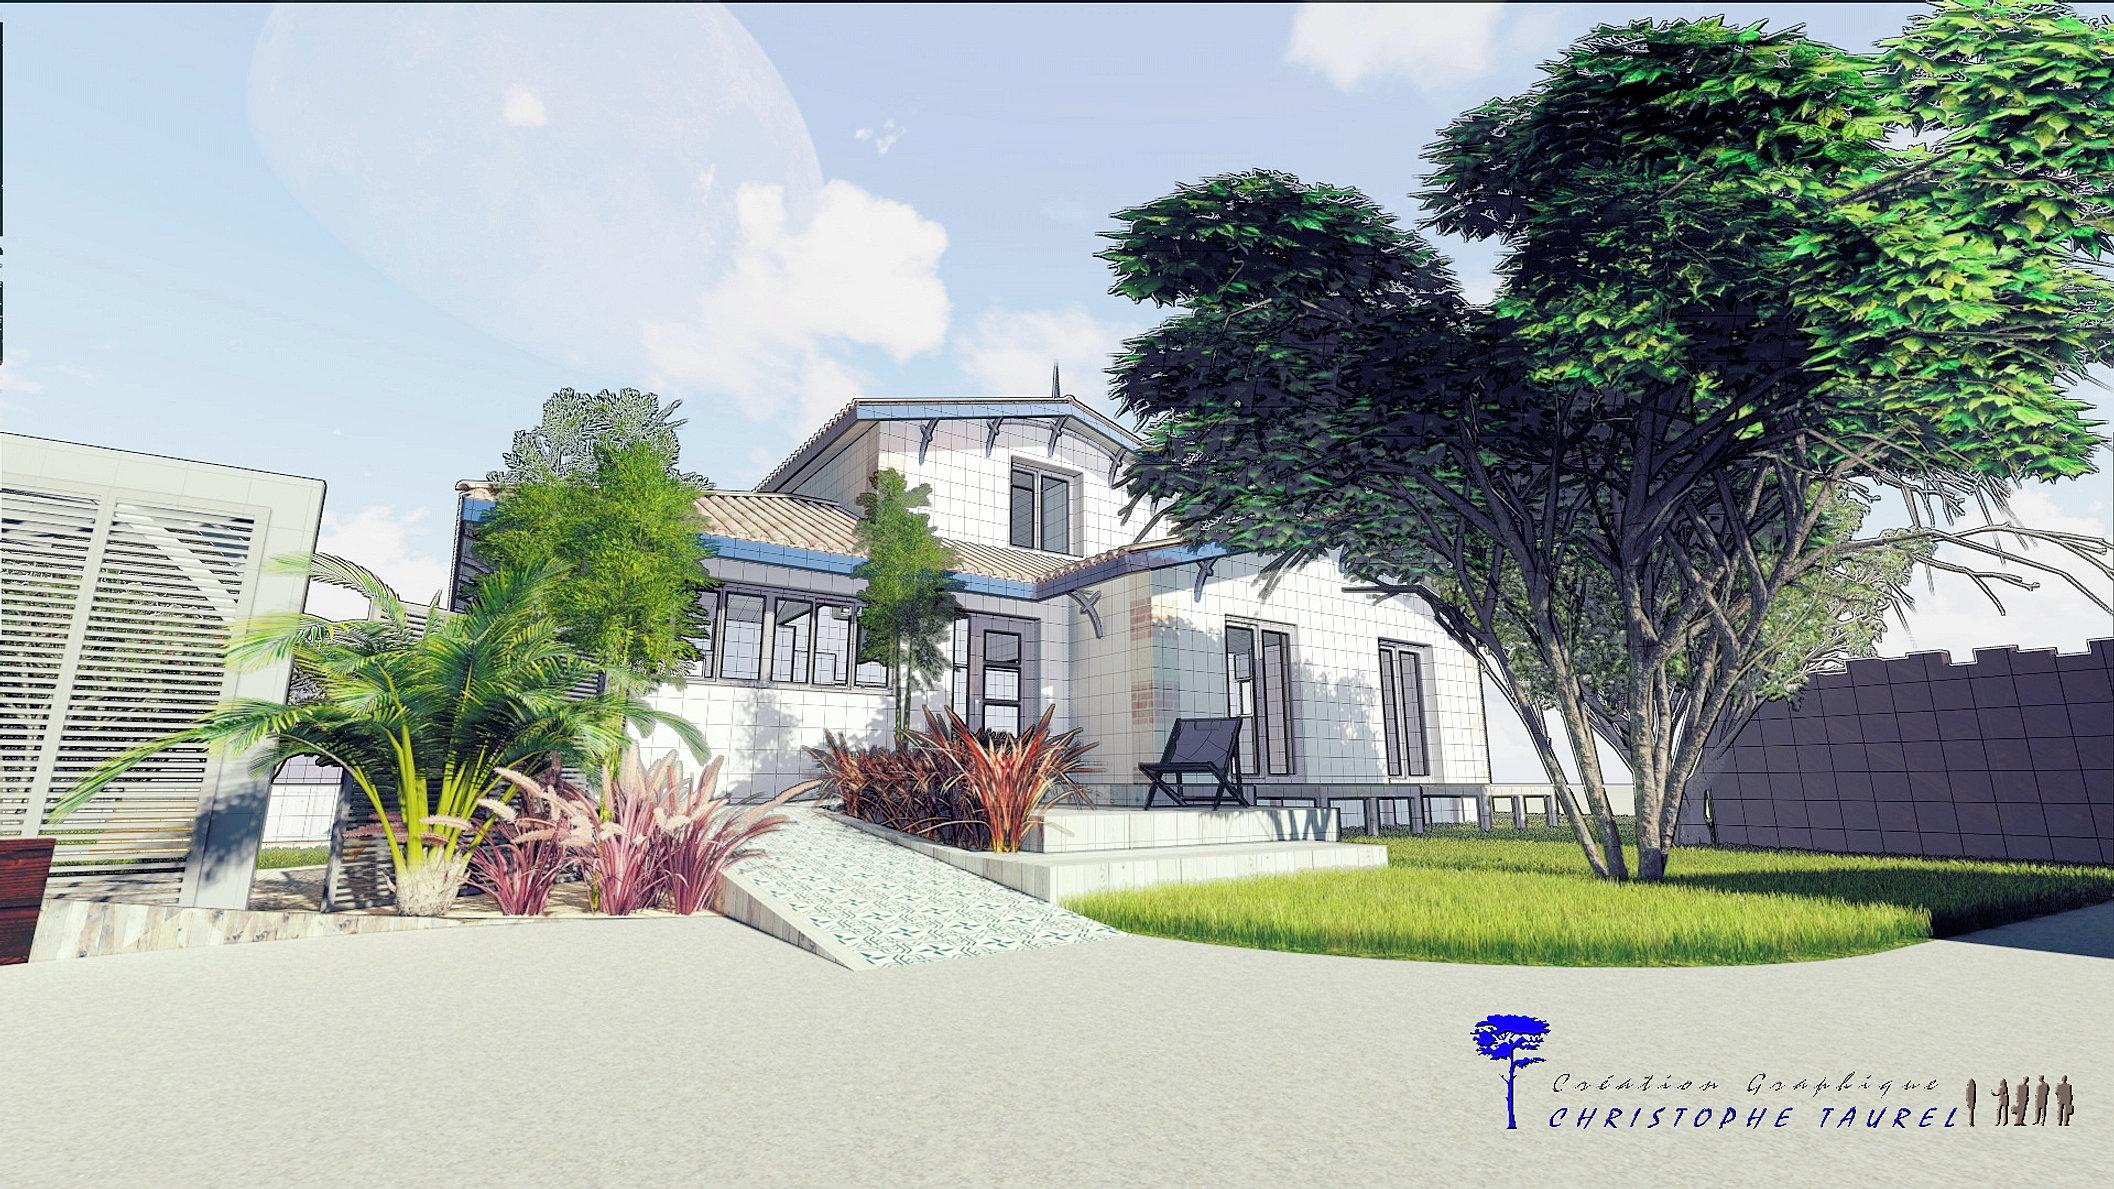 image maison 3d permis de construire plan maison 3d agence immobiliere. Black Bedroom Furniture Sets. Home Design Ideas